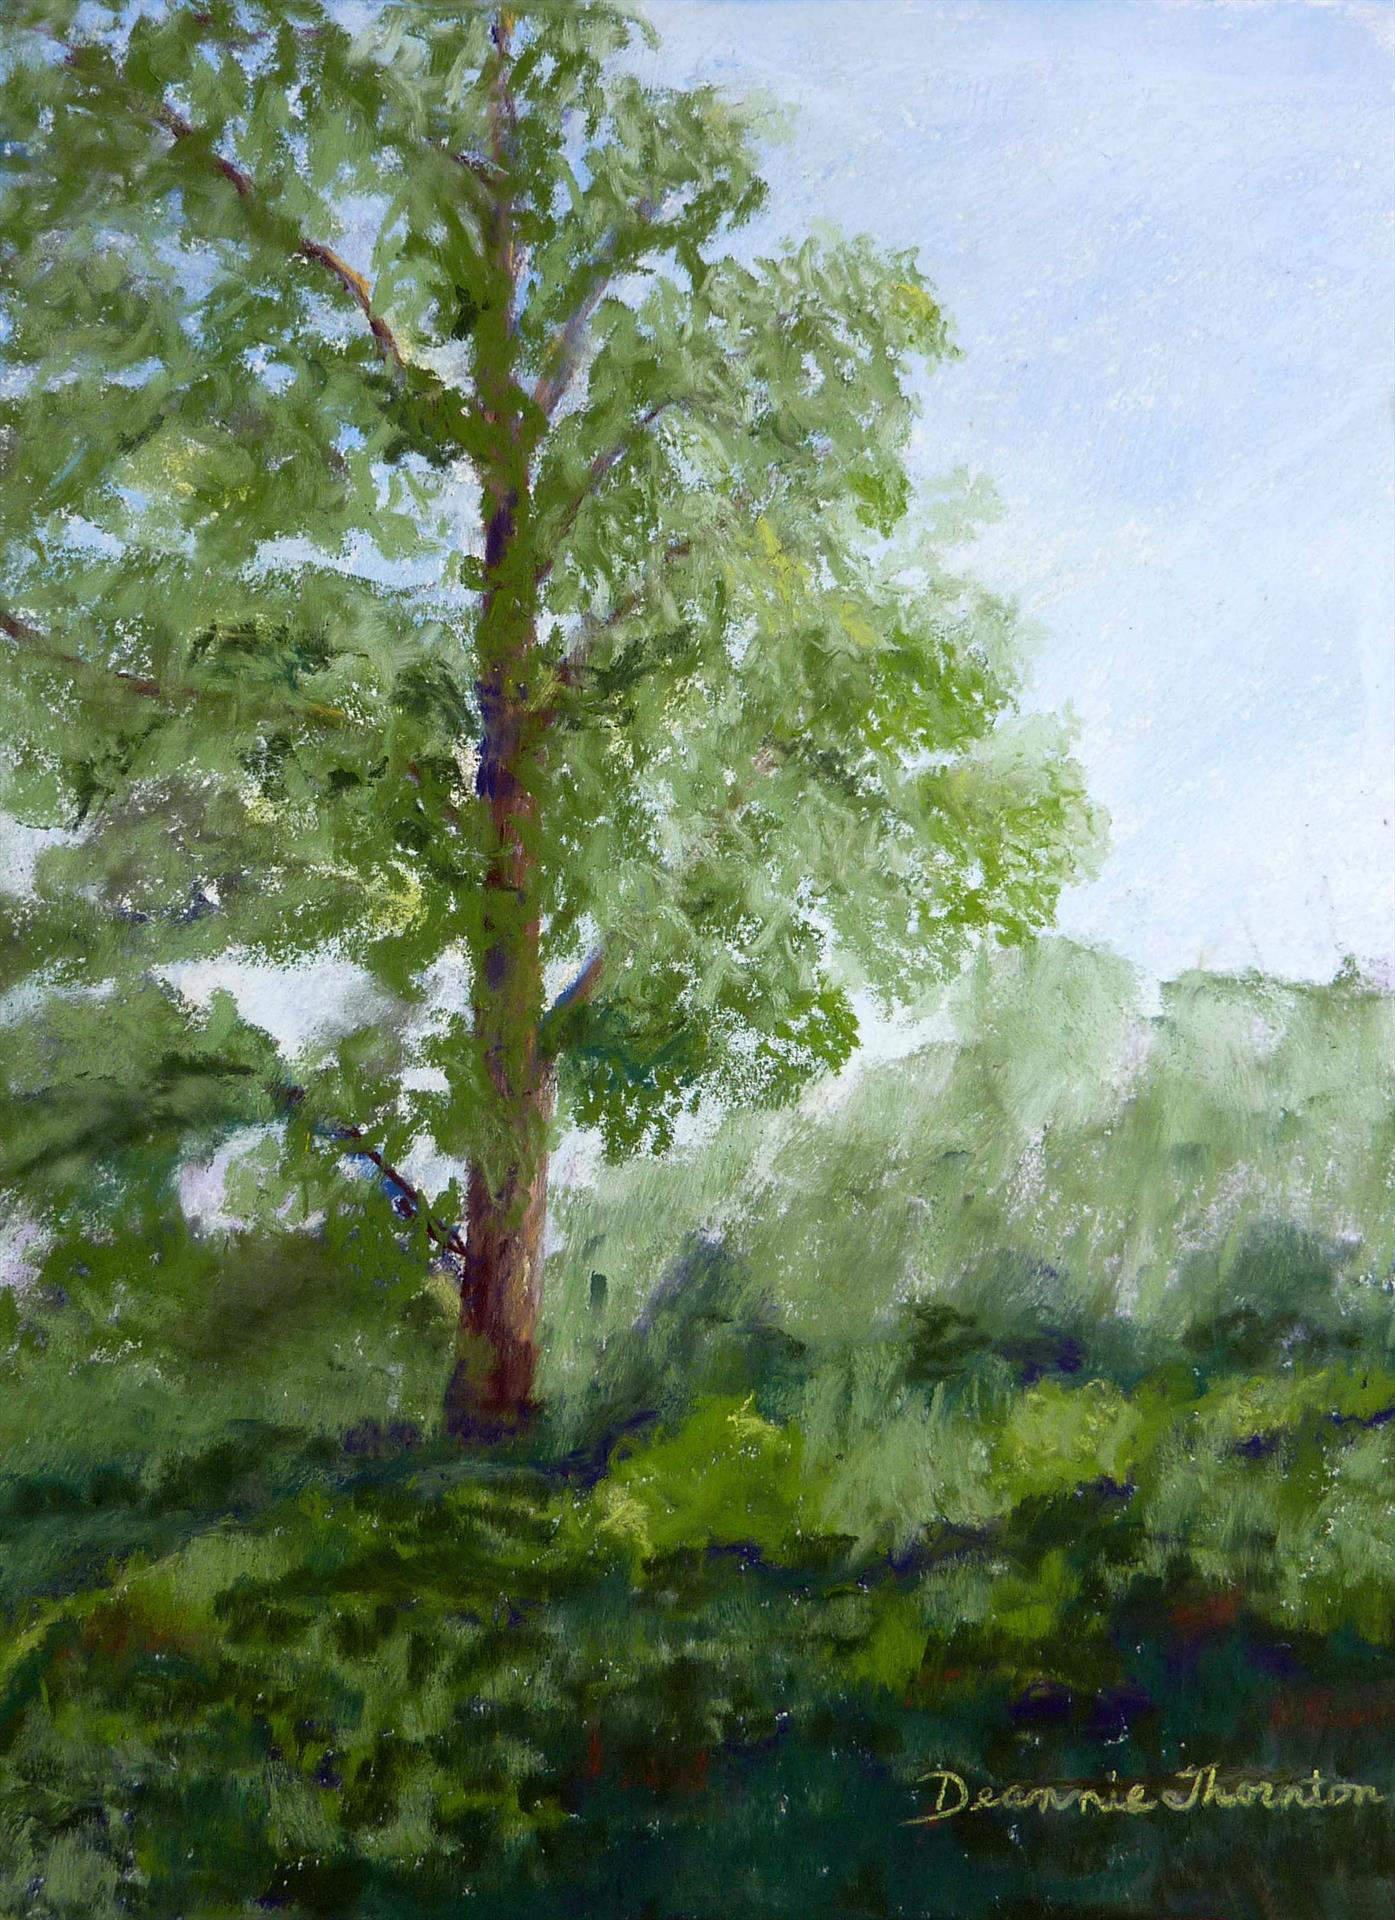 Deannie Thornton | SERENE | soft pastel | 9x12